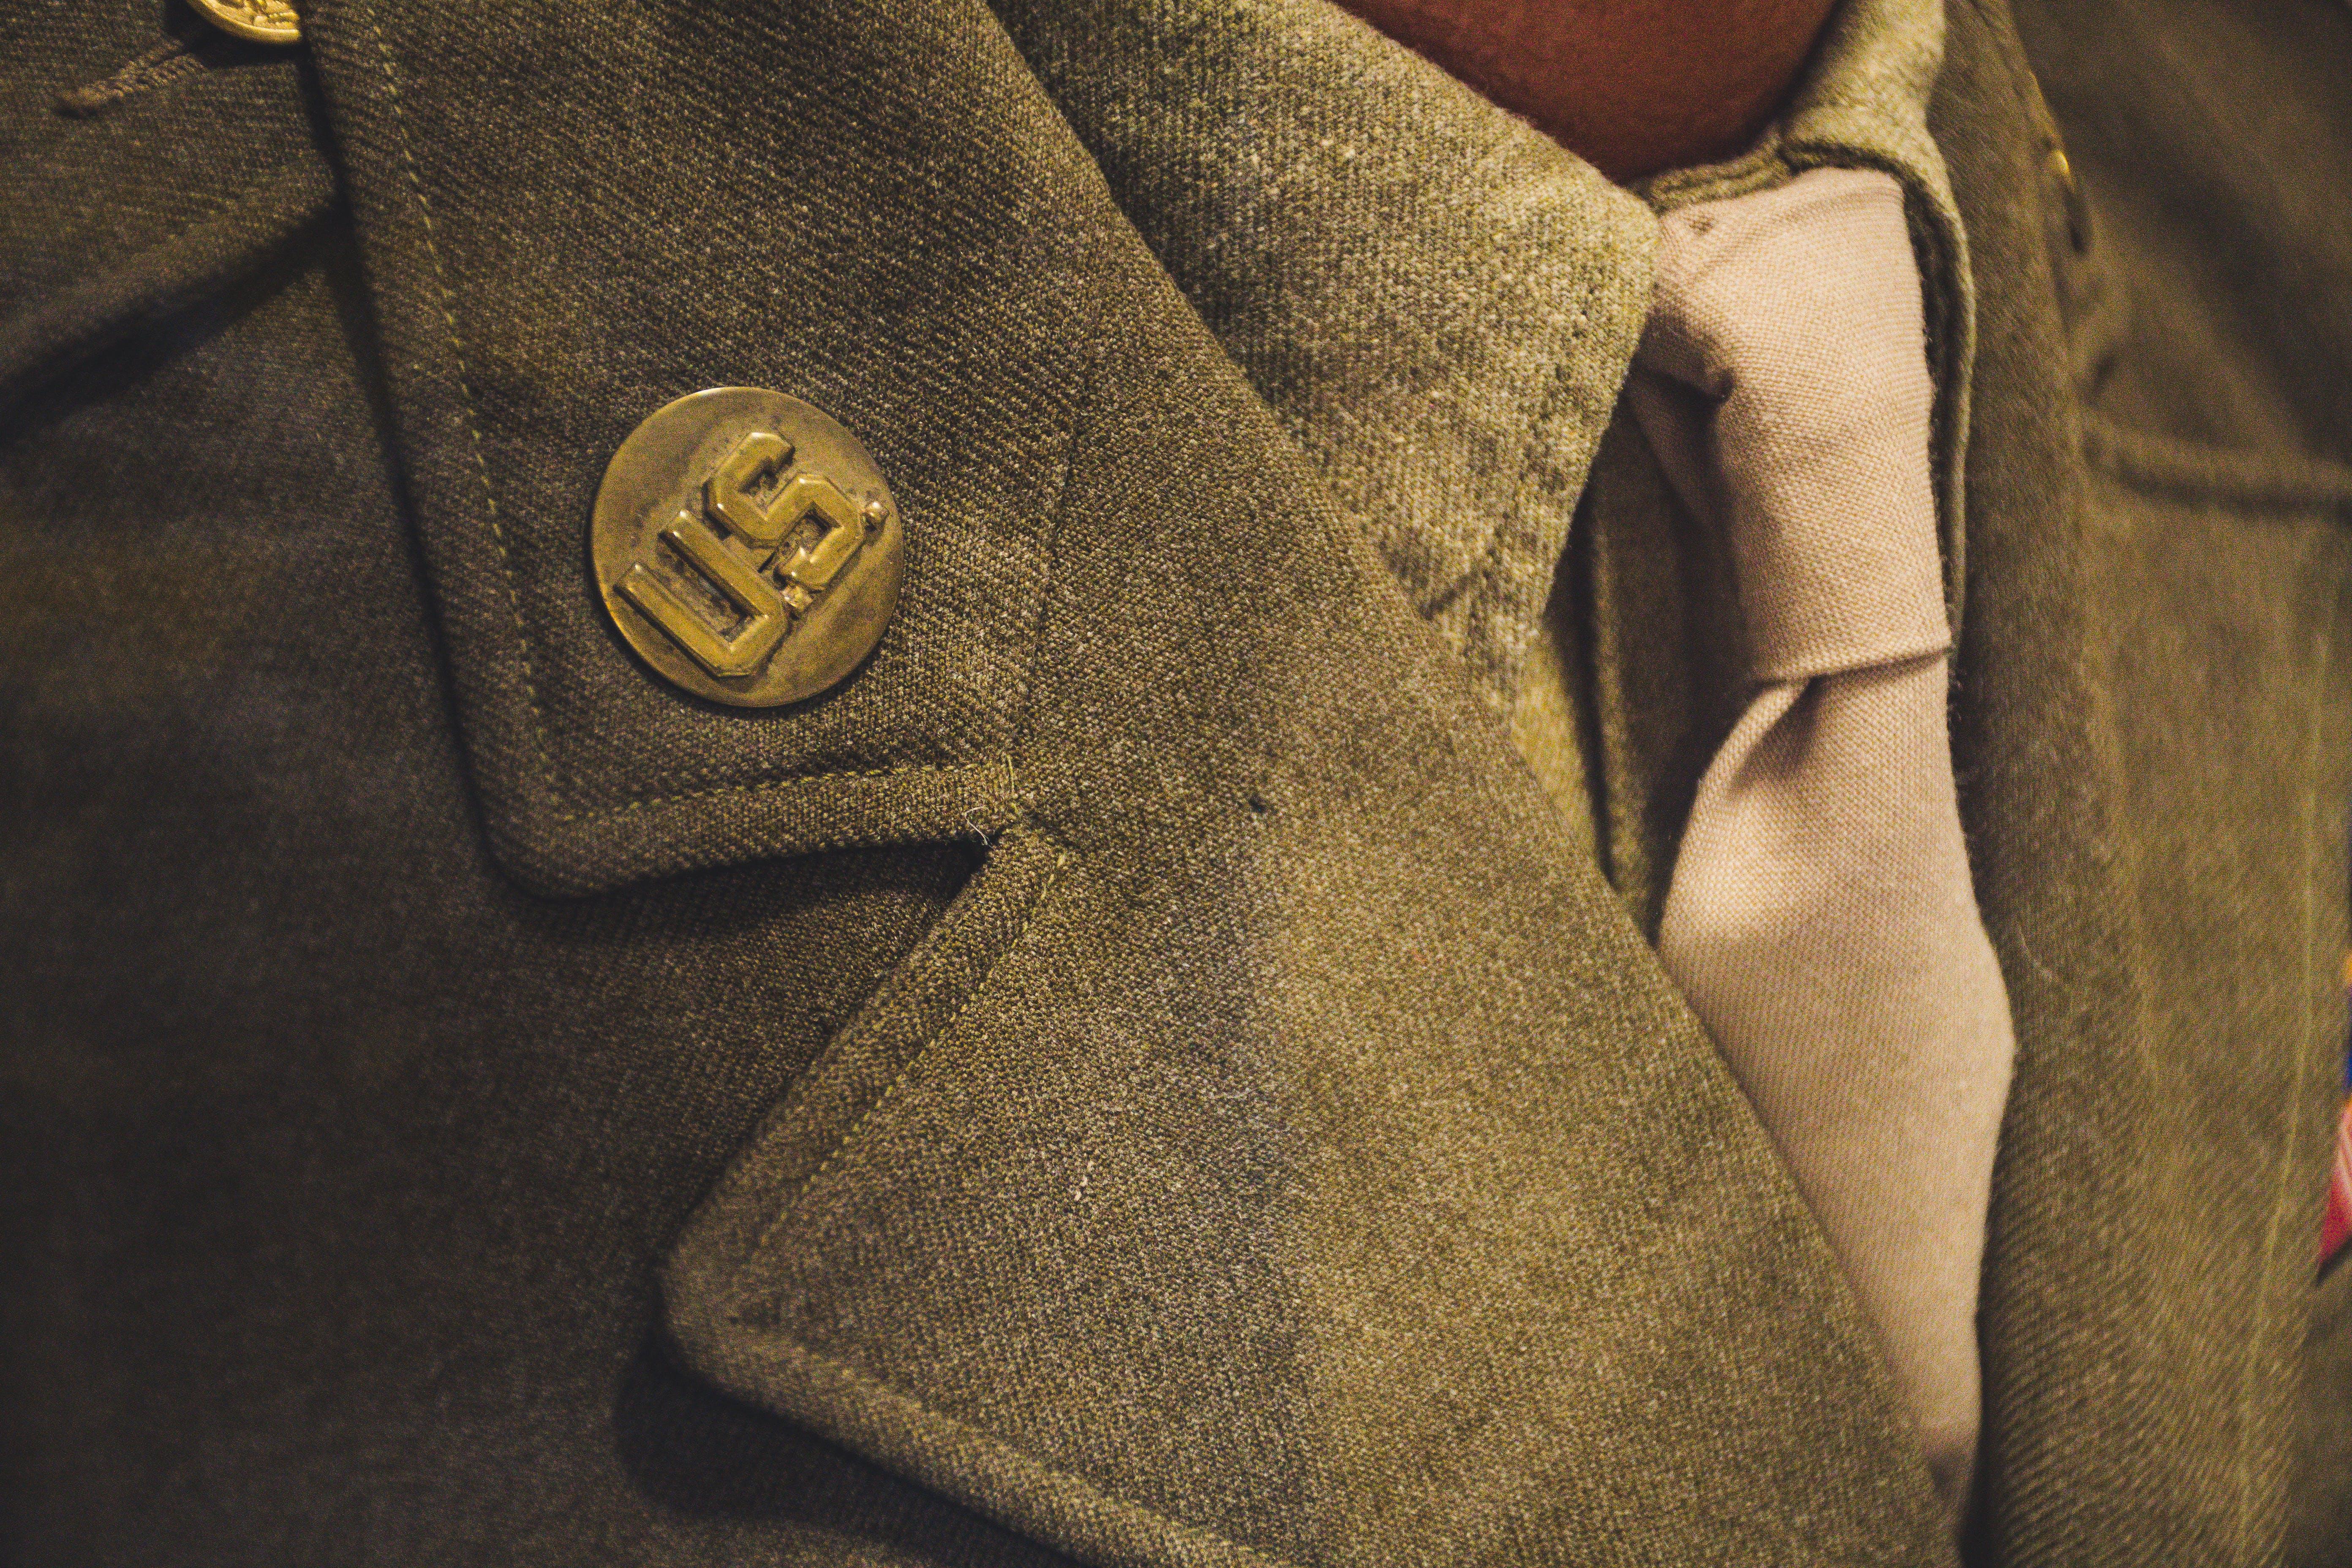 Brown Notched Lapel Suit Jacket Close-up Photo